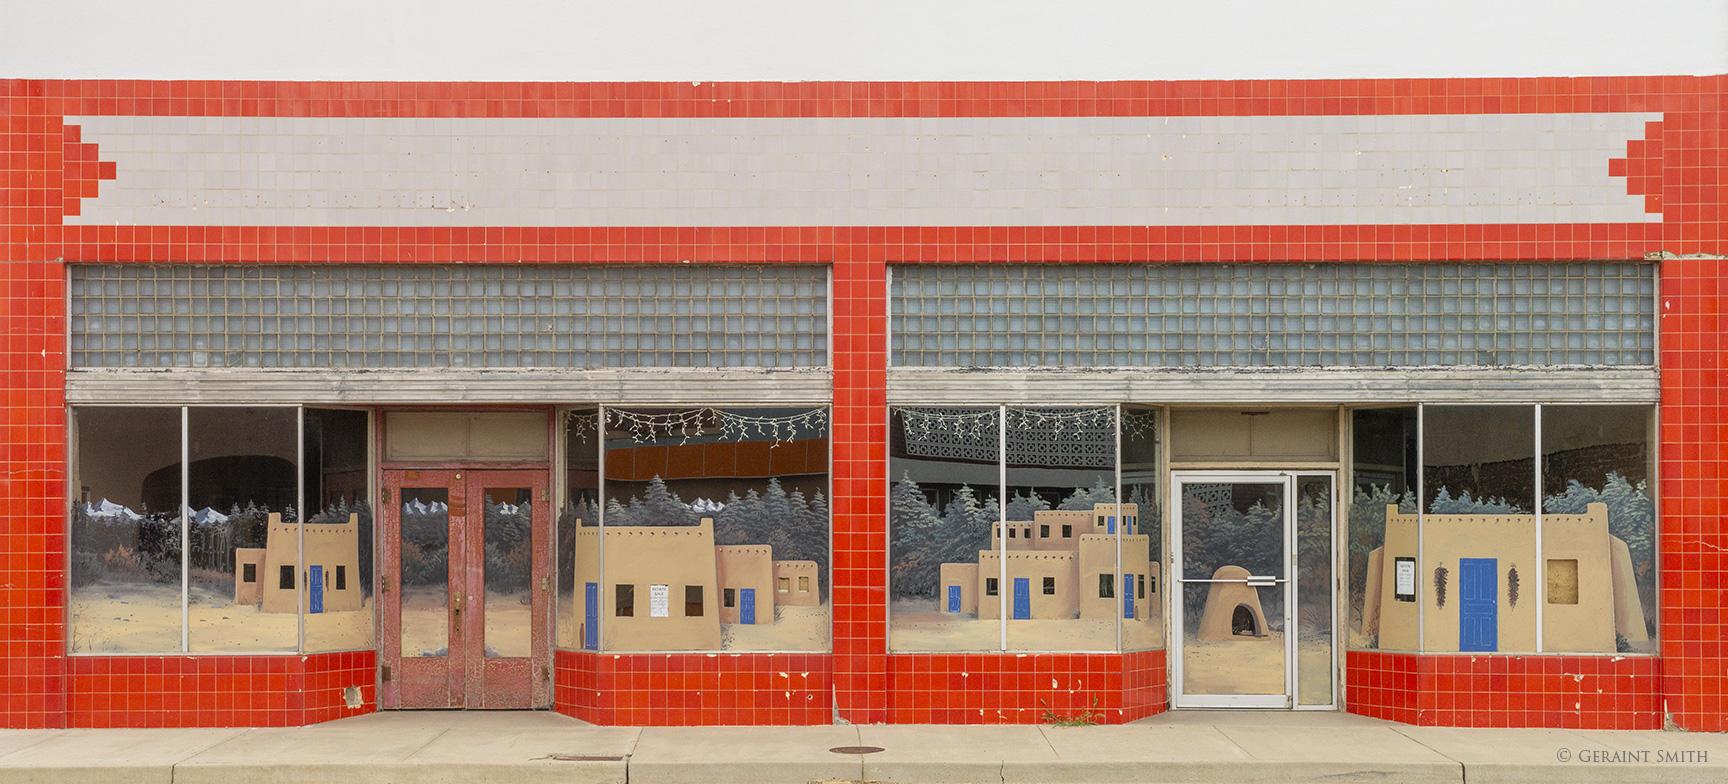 Window display, Tucumcari, NM